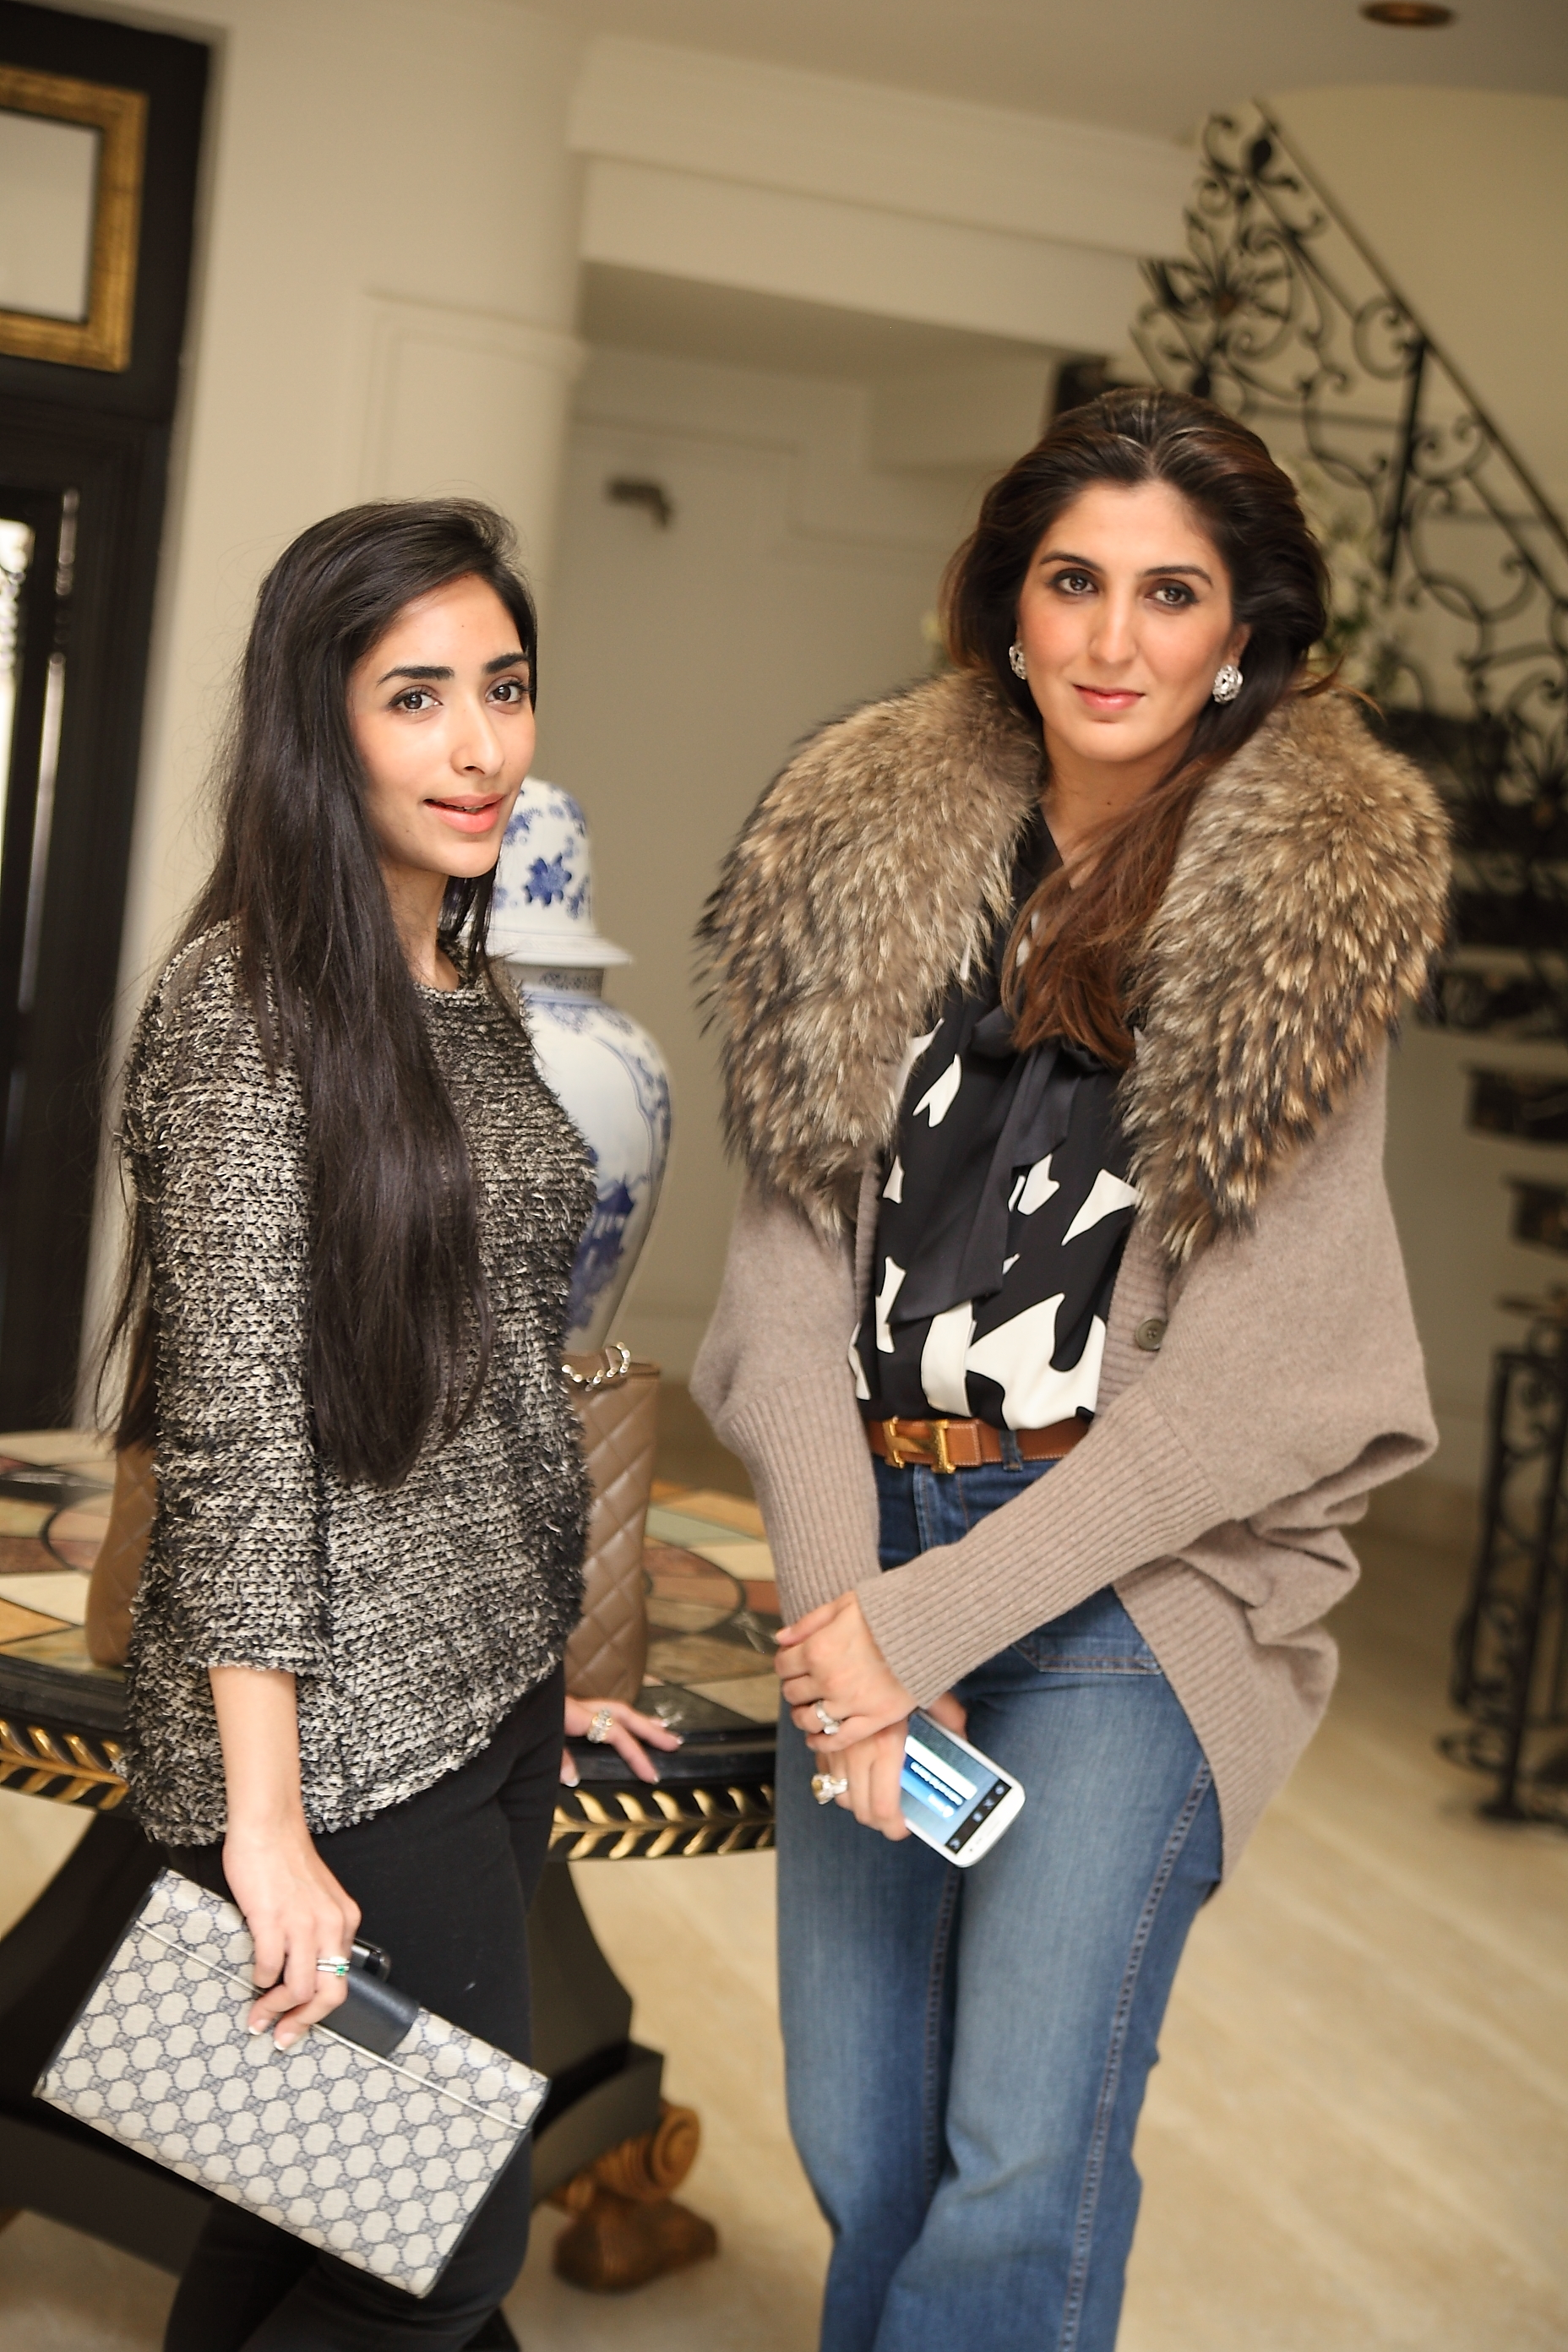 Zoe Khan and Khadijah Shah